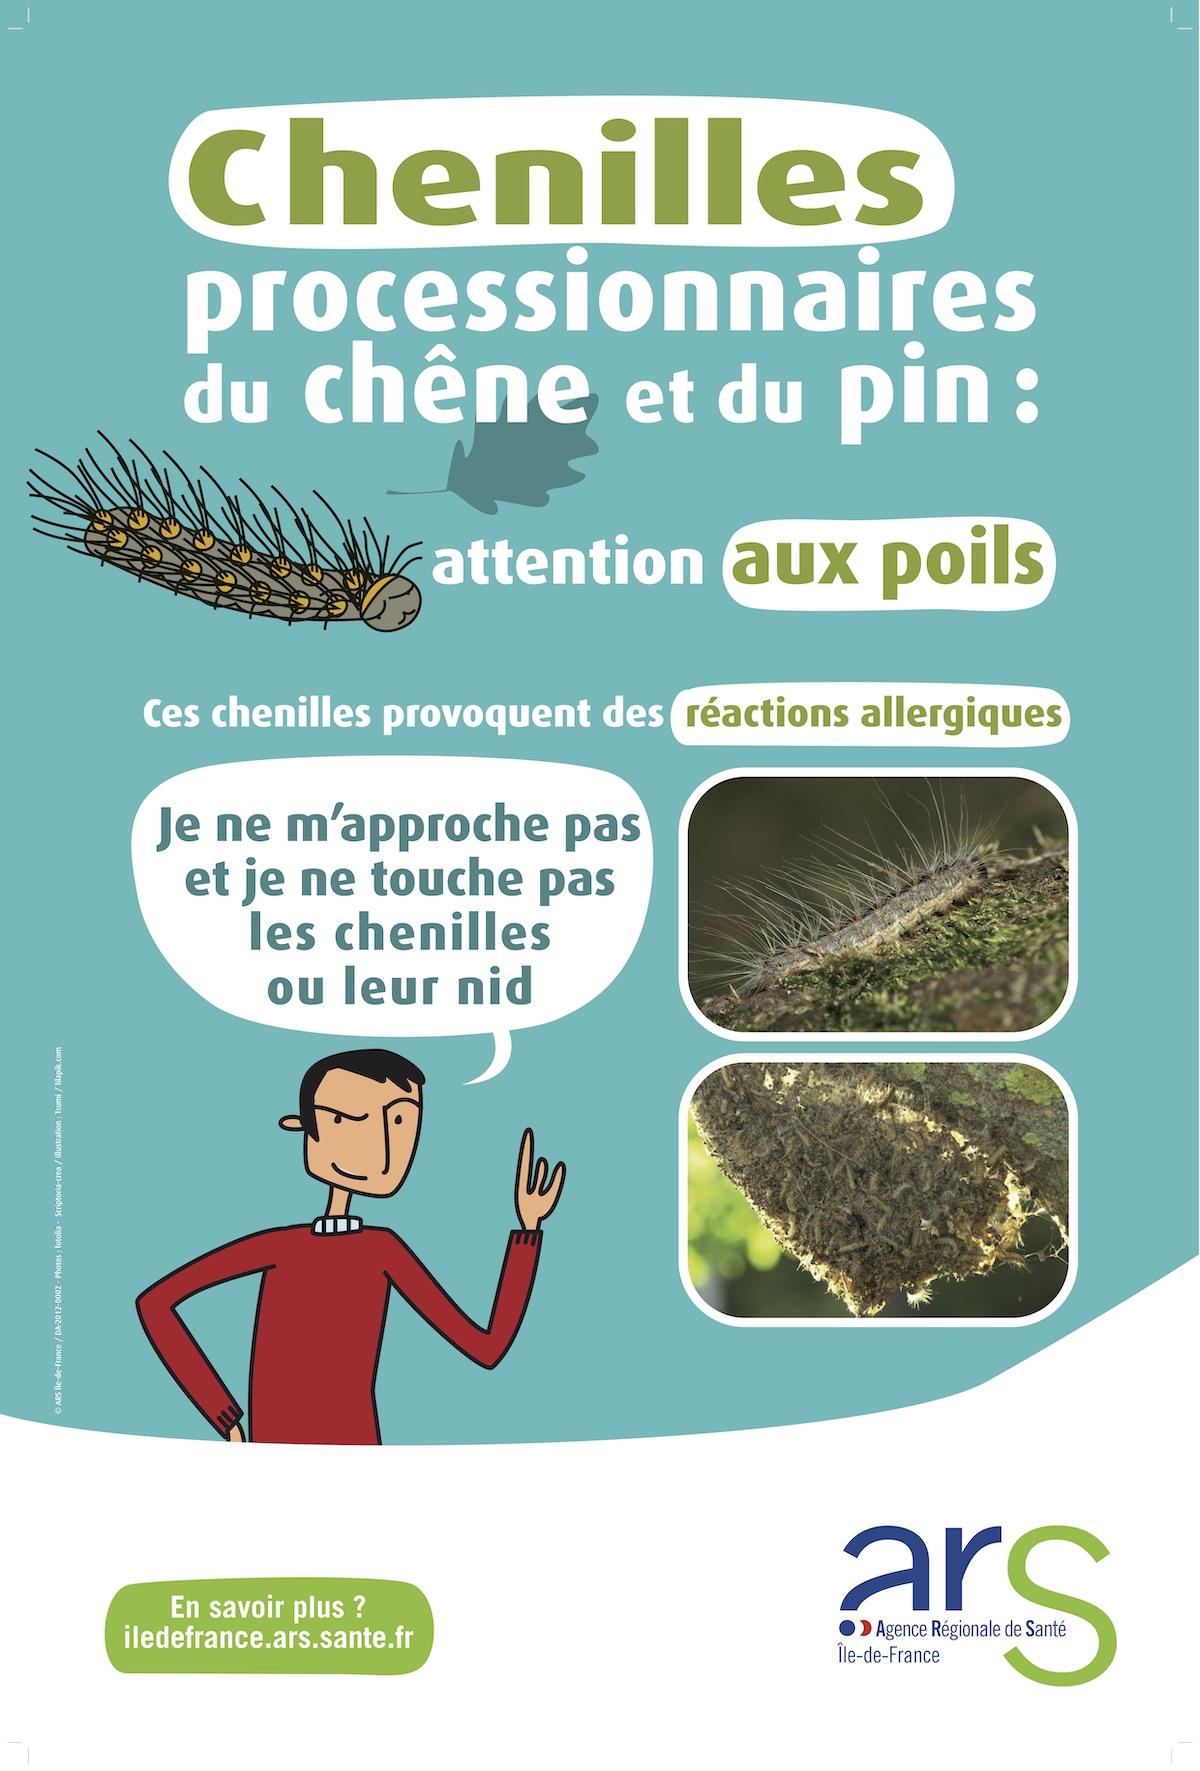 Chenilles-processionnaies-affiche-400-600